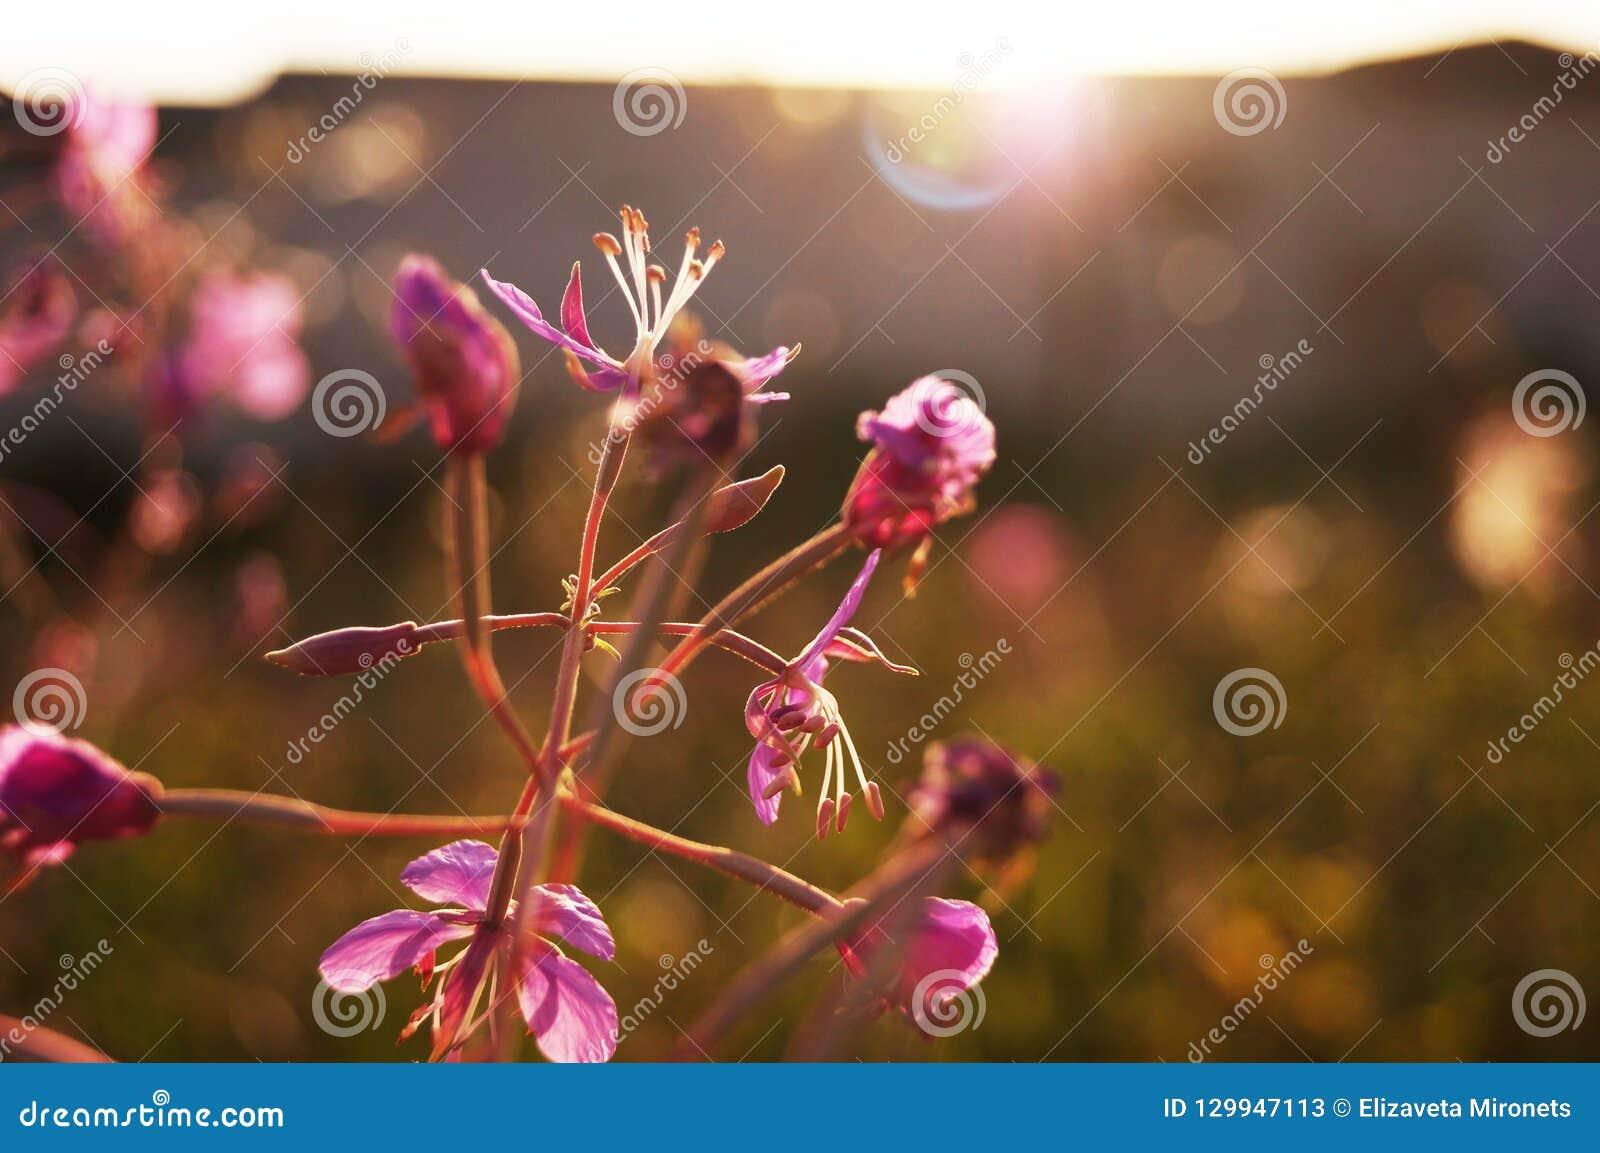 Blumenweidetee auf dem Hintergrund des Feldes